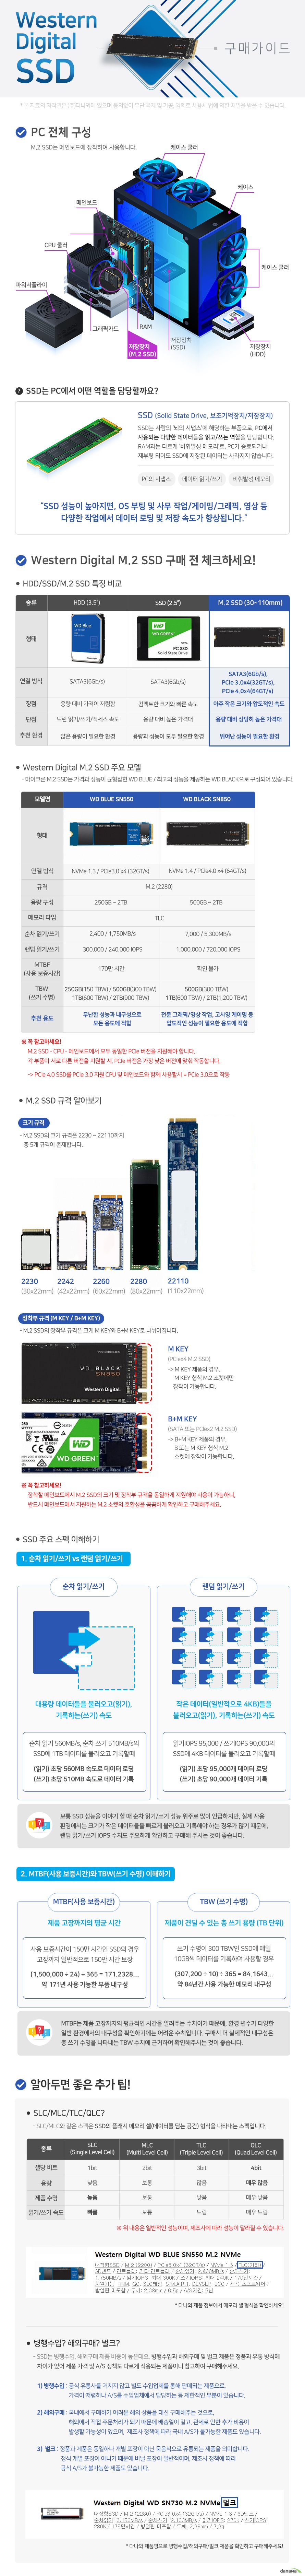 웨스턴 디지털 MDOTTWO SSD 구매가이드 MDOTTWO SSD는 PC의 메인보드에 장착하여 사용합니다.  SSD는 PC에서 사용되는 다양한 데이터들을 읽고/쓰는 역할을 담당합니다. SSD 성능이 높아지면 OS 부팅 및 사무작업 게이밍 그래픽 영상 등 다양한 작업에서 데이터 로딩 및 저장 속도가 향상됩니다.  MDOTTWO SSD 장점 아주 작은 크기와 압도적인 속도 단점 용량 대비 상당히 높은 가격대 추천 환경 뛰어난 성능이 필요한 환경 웨스턴디지털 MDOTTWO SSD 주요 모델   wd 블루 sn550은 무난한 성능과 내구성으로 모든 용도에 적합합니다. wd 블랙 sn850은 전문 그래픽/영상 작업 및 고사양 게이밍 등 압도적인 성능이 필요한 용도에 적합합니다.